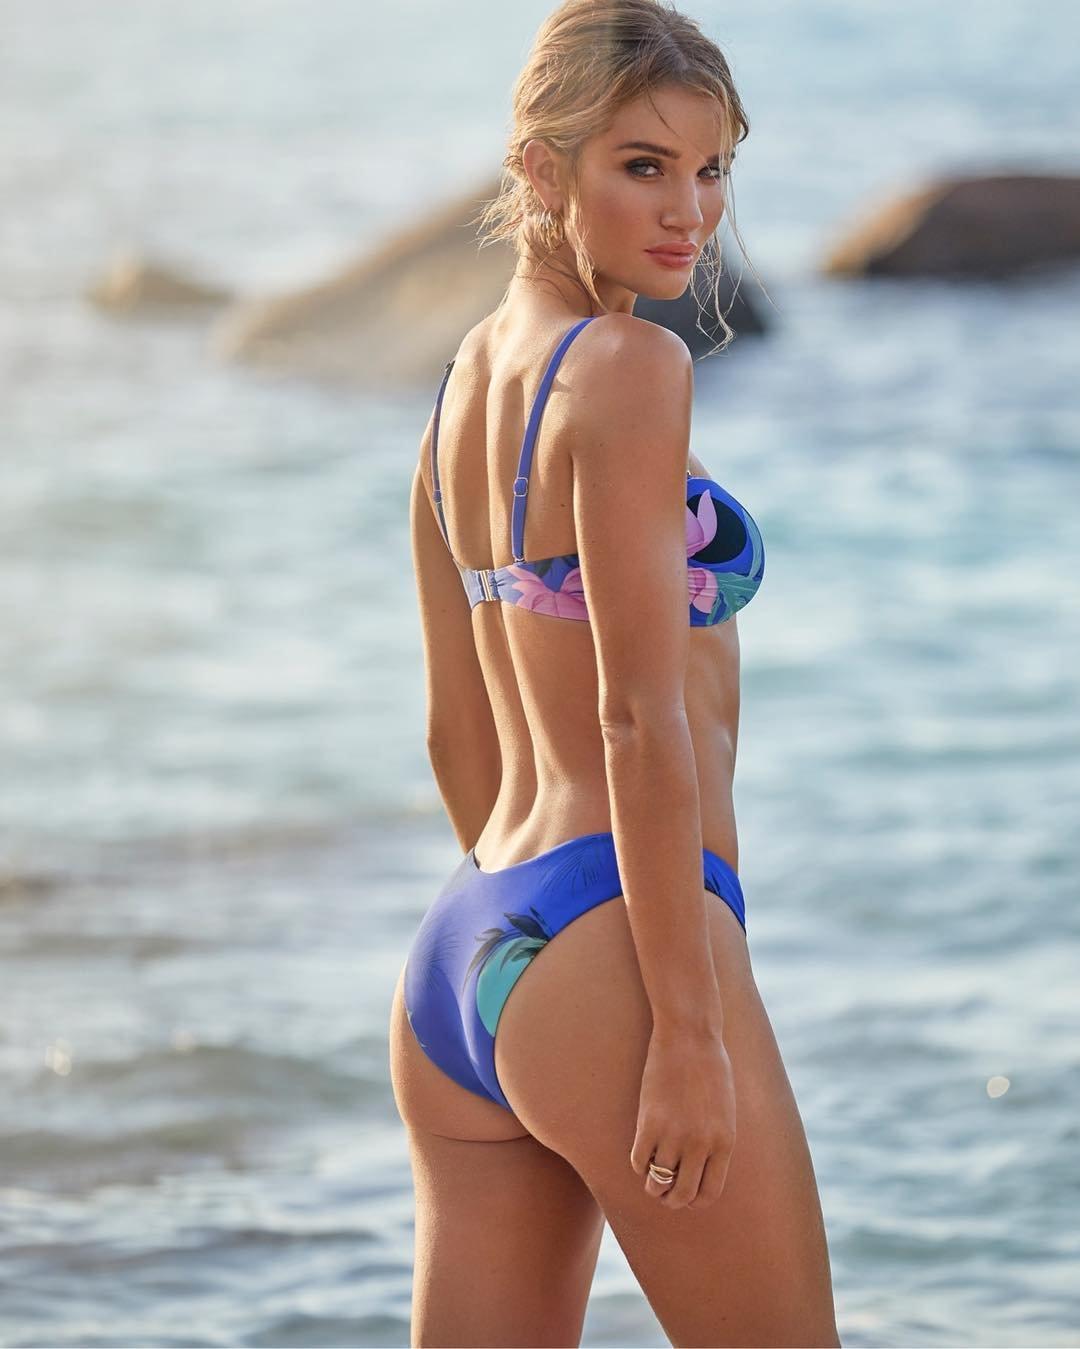 Рози Хантингтон-Уайтли показала фигуру в пляжной фотосессии